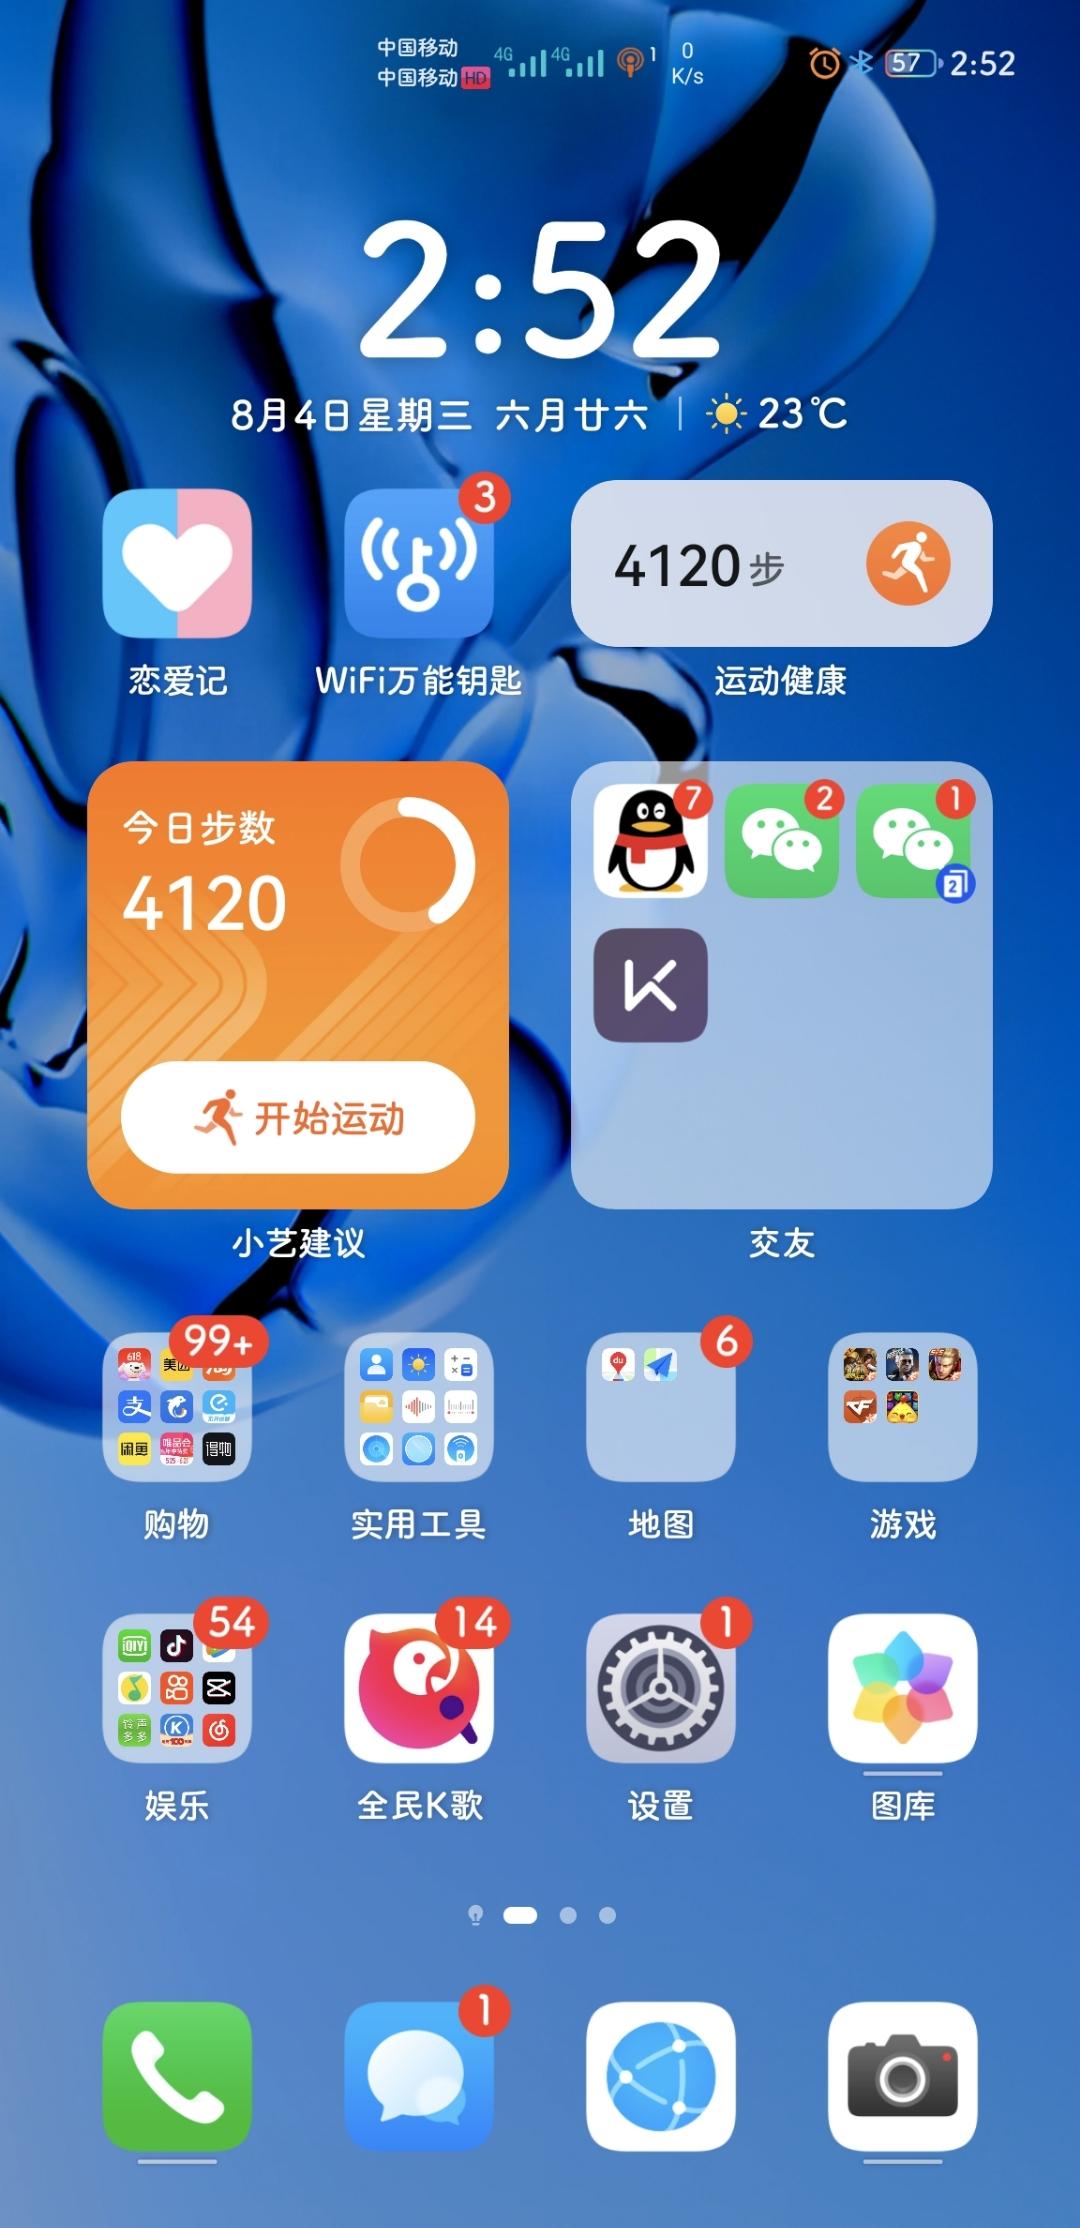 Screenshot_20210804_145247_com.huawei.android.launcher.jpg